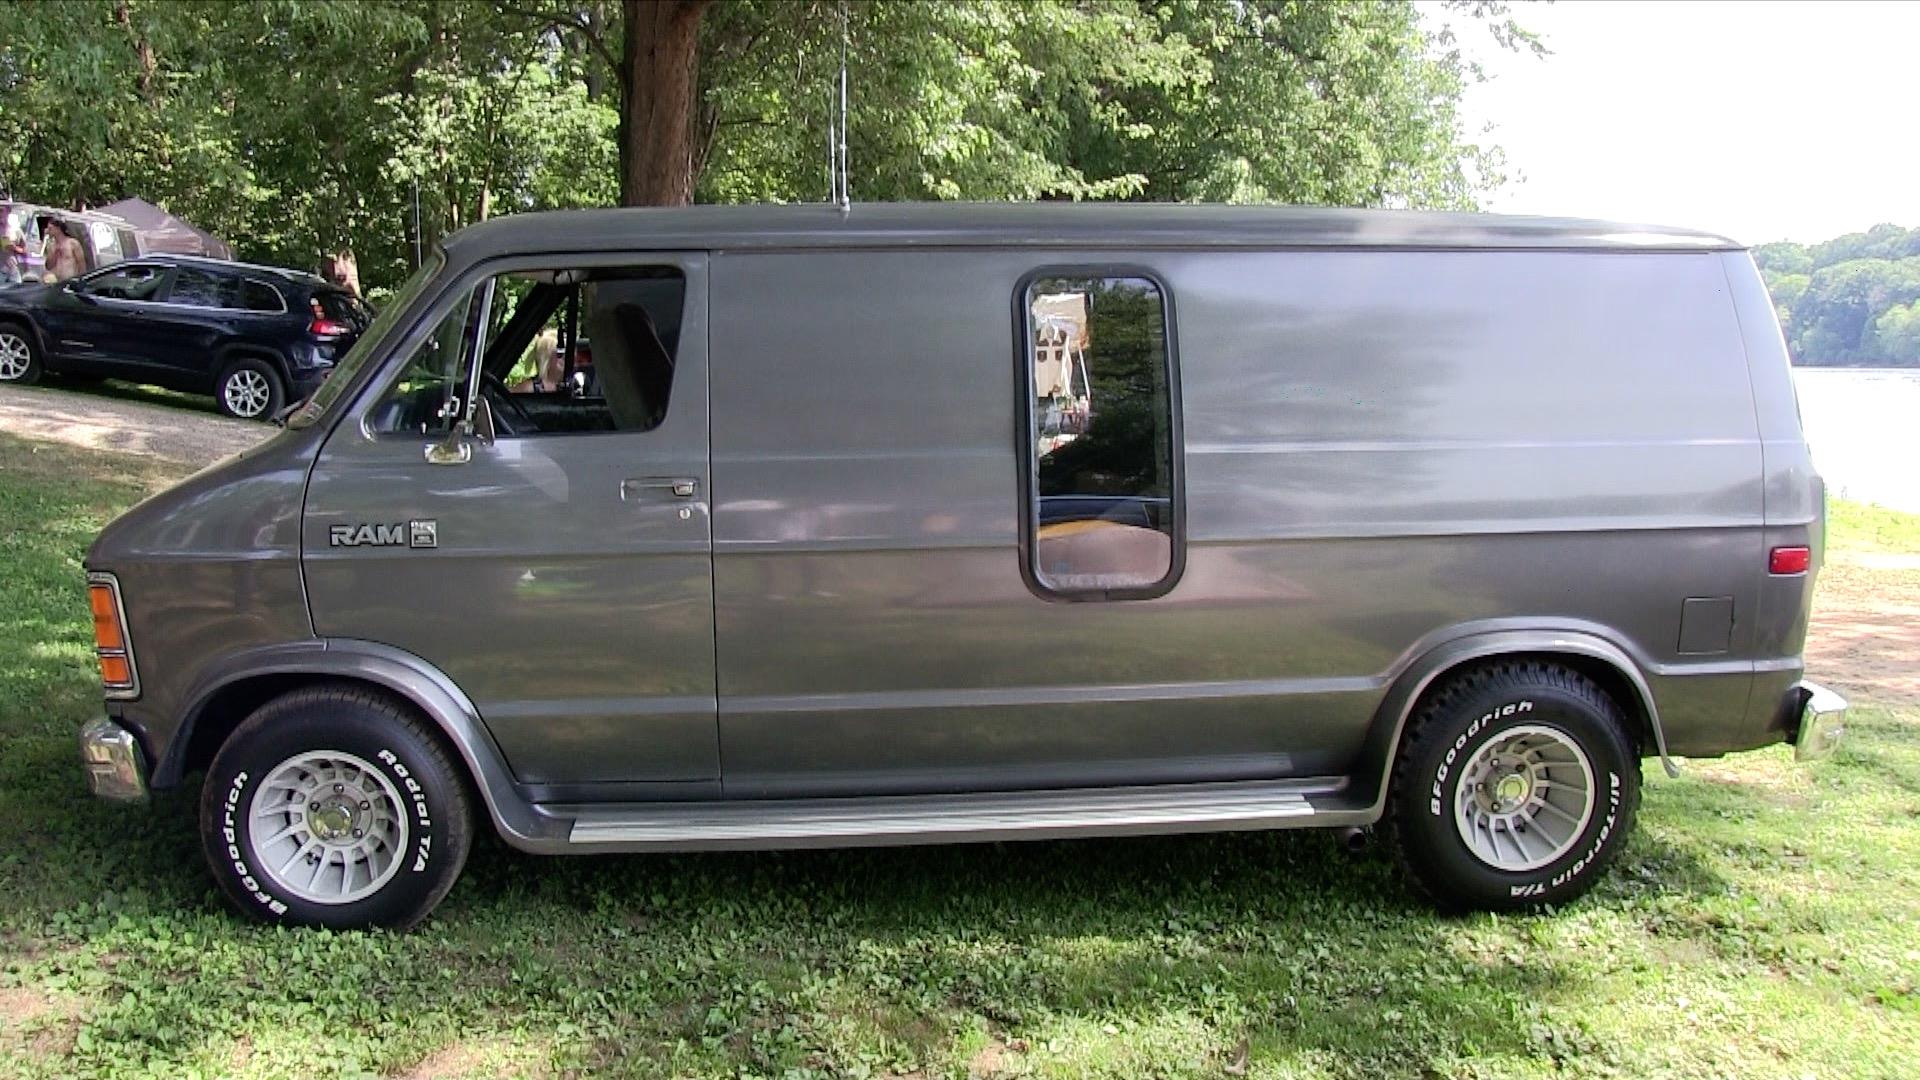 David Krivda's 87 Silver Dodge